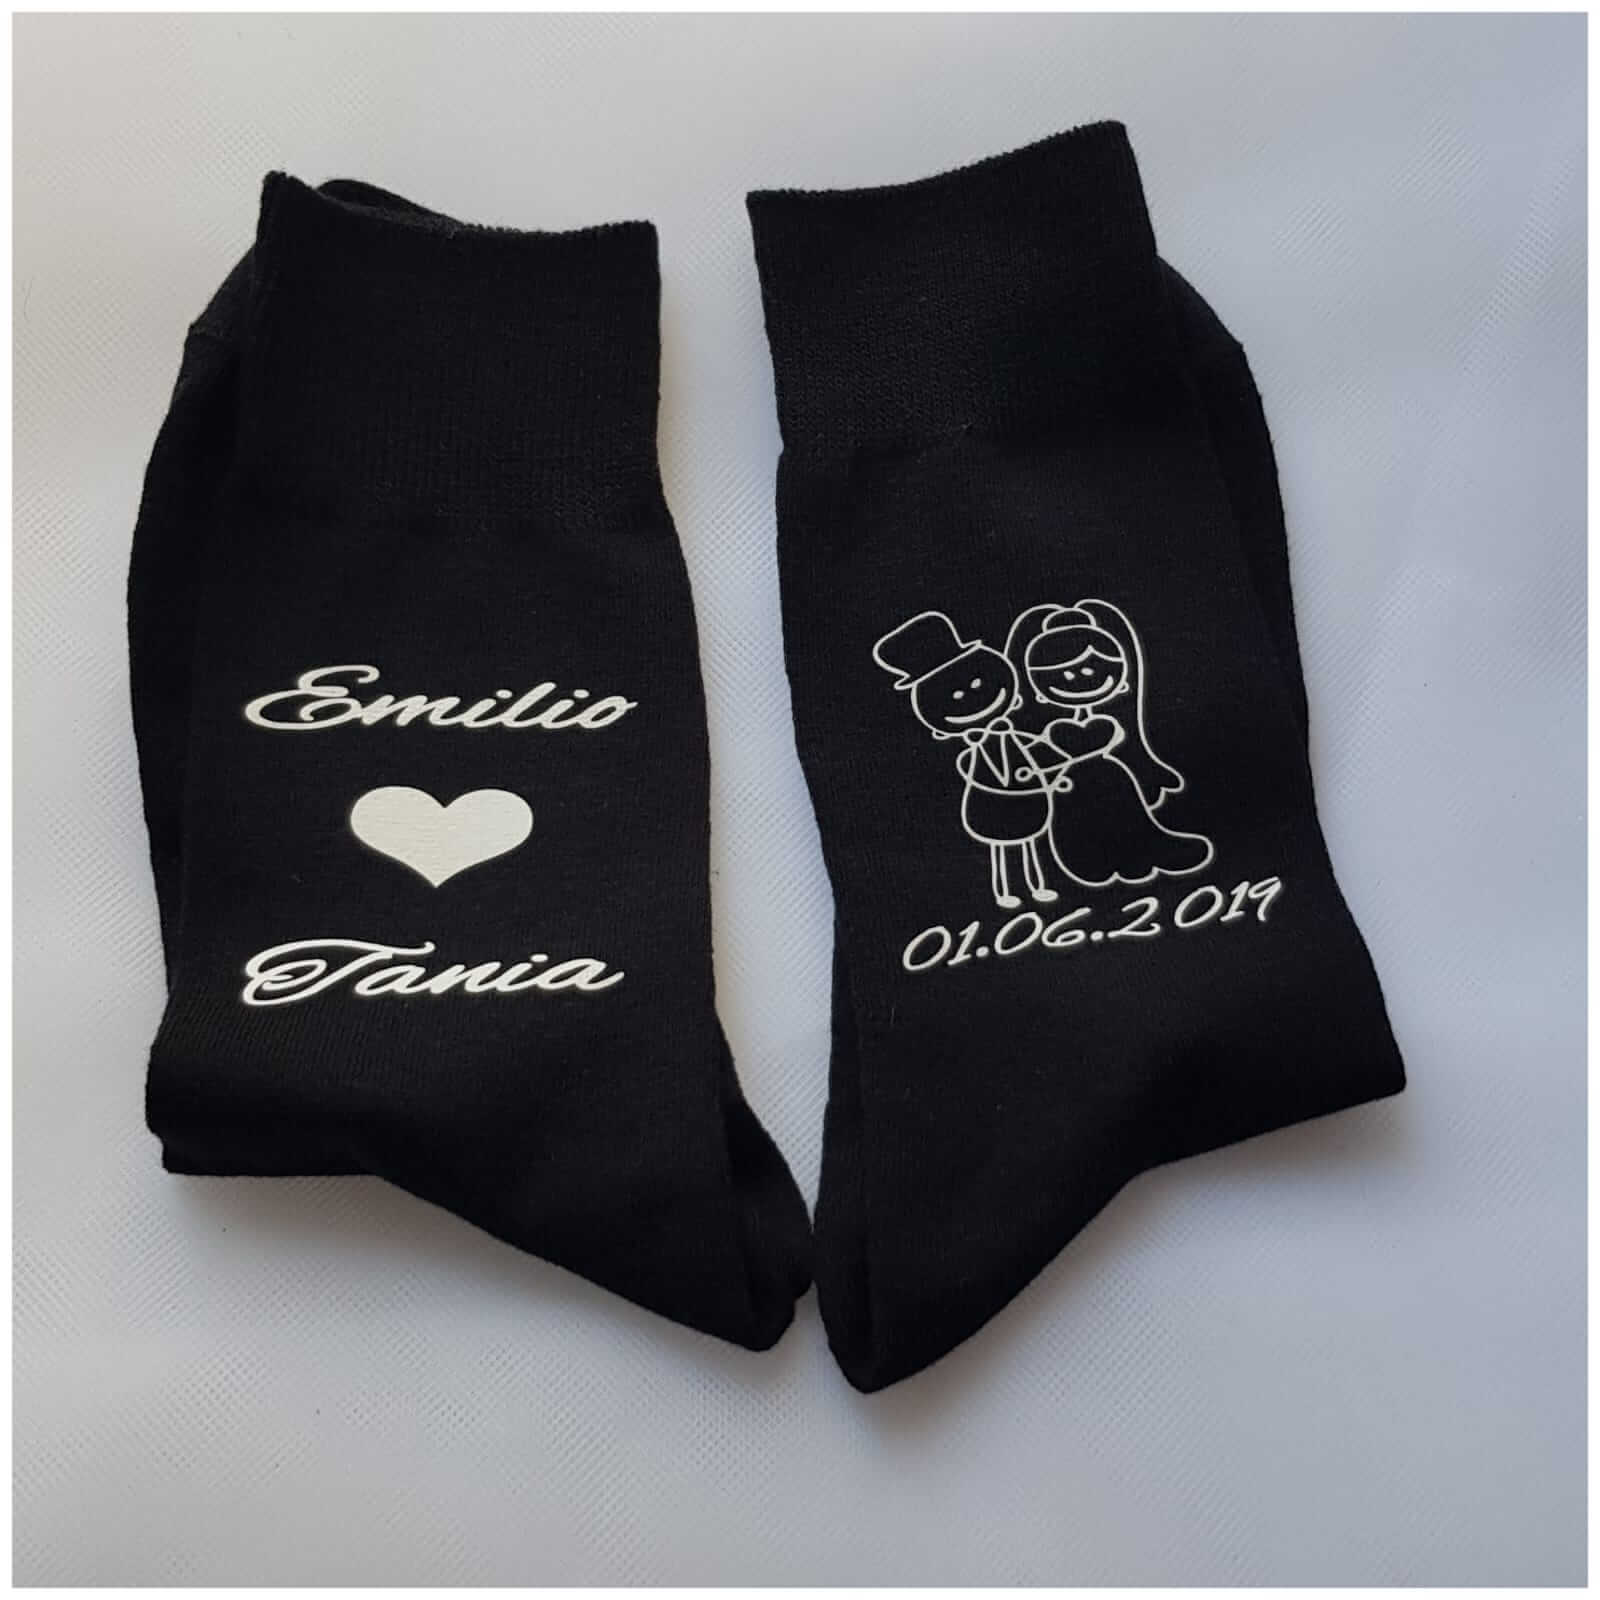 calcetines originales regalos personalizados porlanovia calcetines originales - calcetines personalizados 3 - calcetines originales regalos personalizados porlanovia